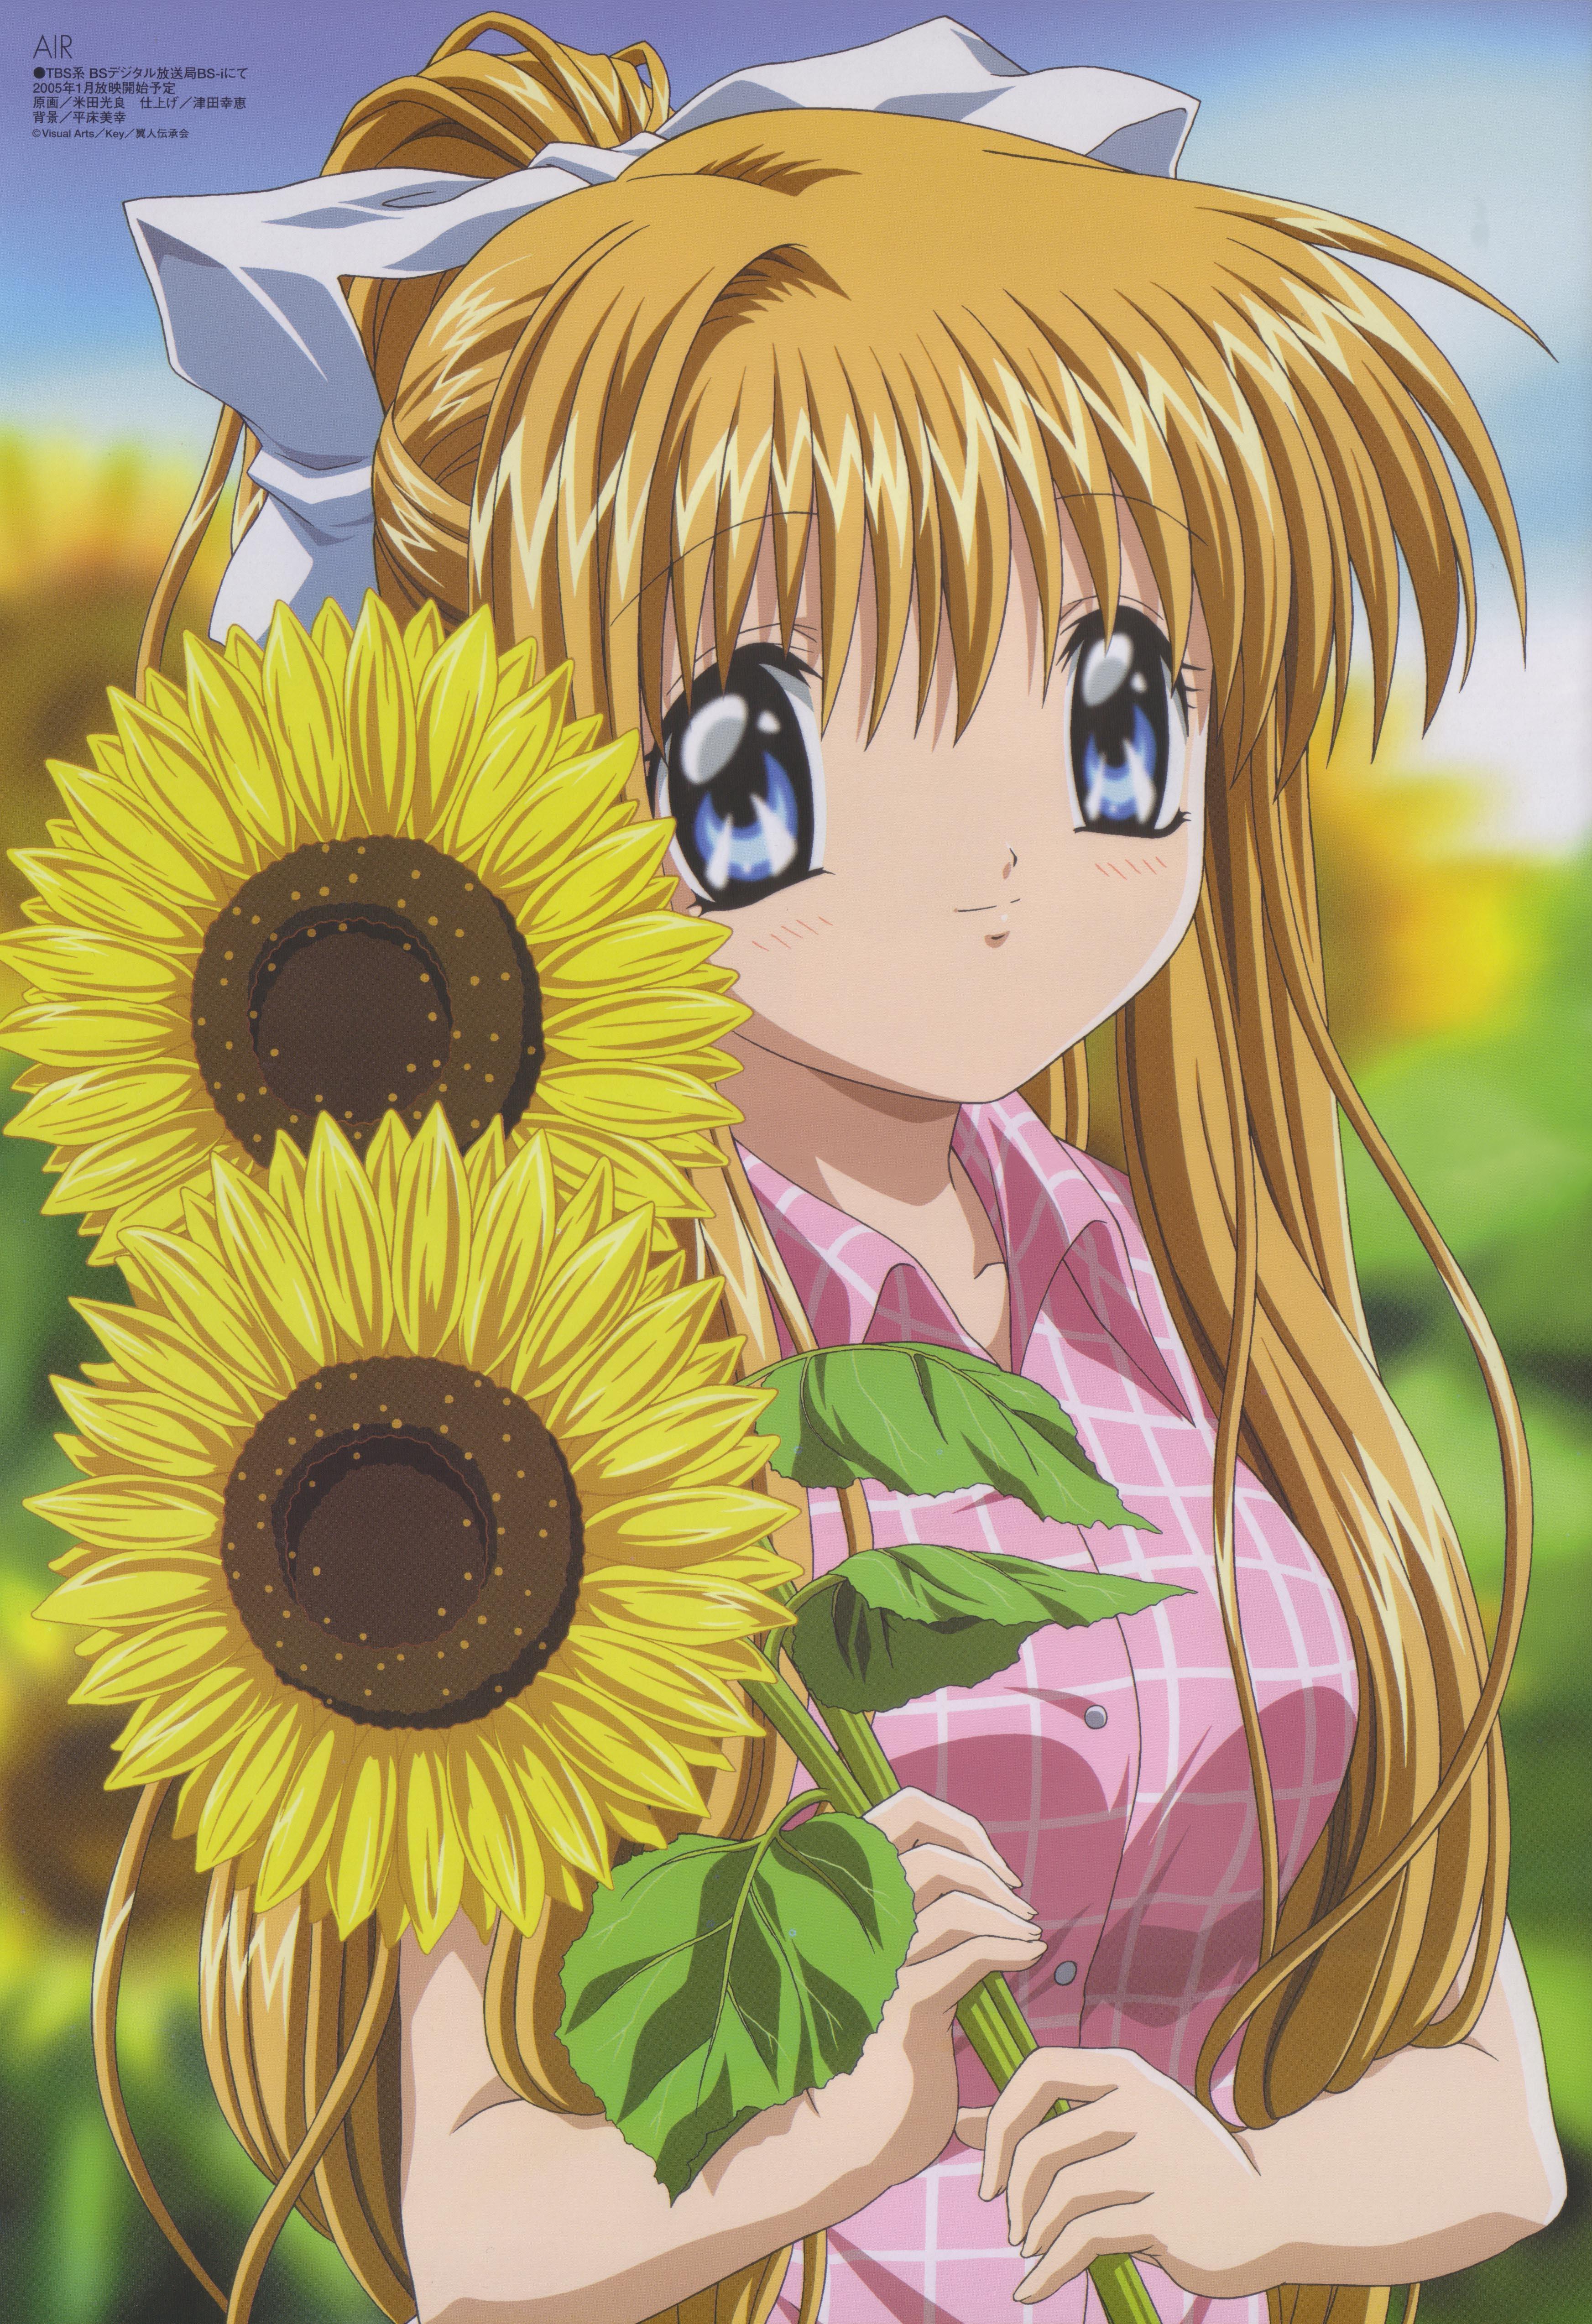 Pink Sunflowers Wallpaper